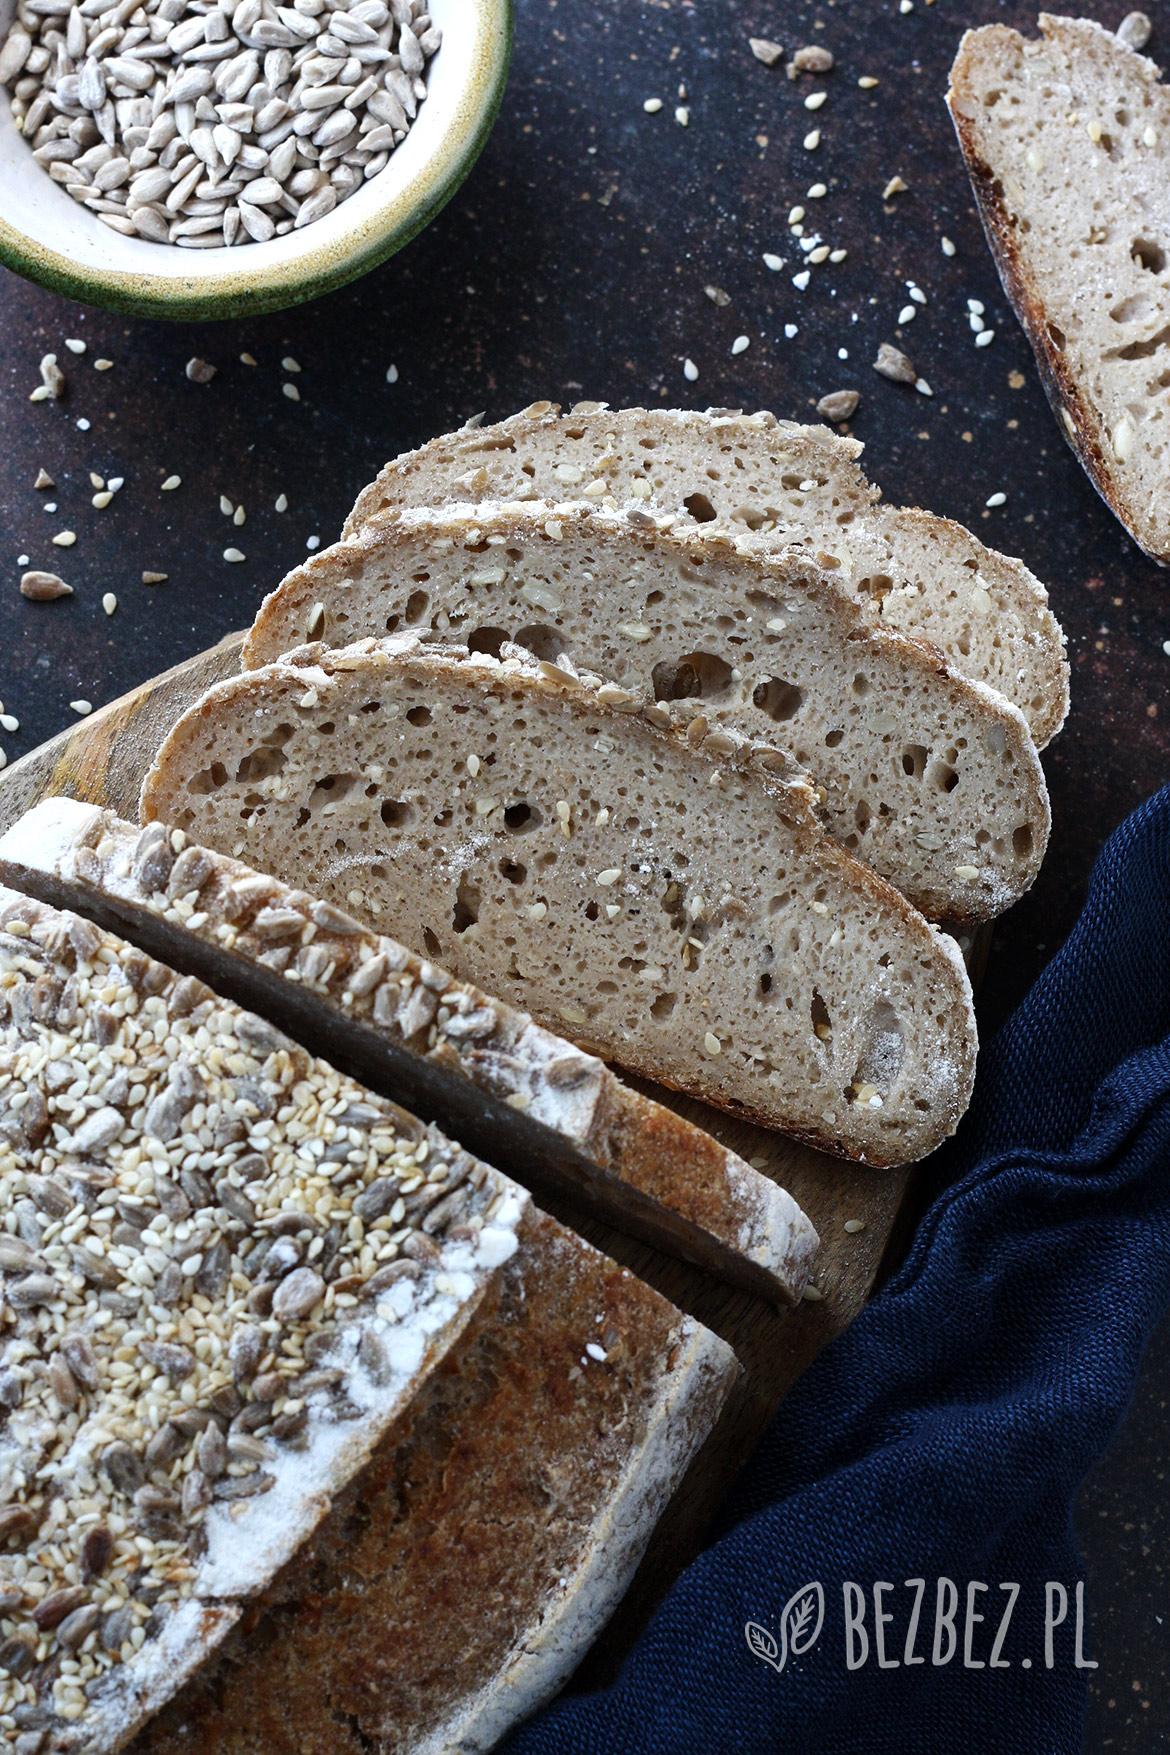 Chleb bezglutenowy na zakwasie z ziemniakiem i ziarnami (bez owsa) pieczony w naczyniu